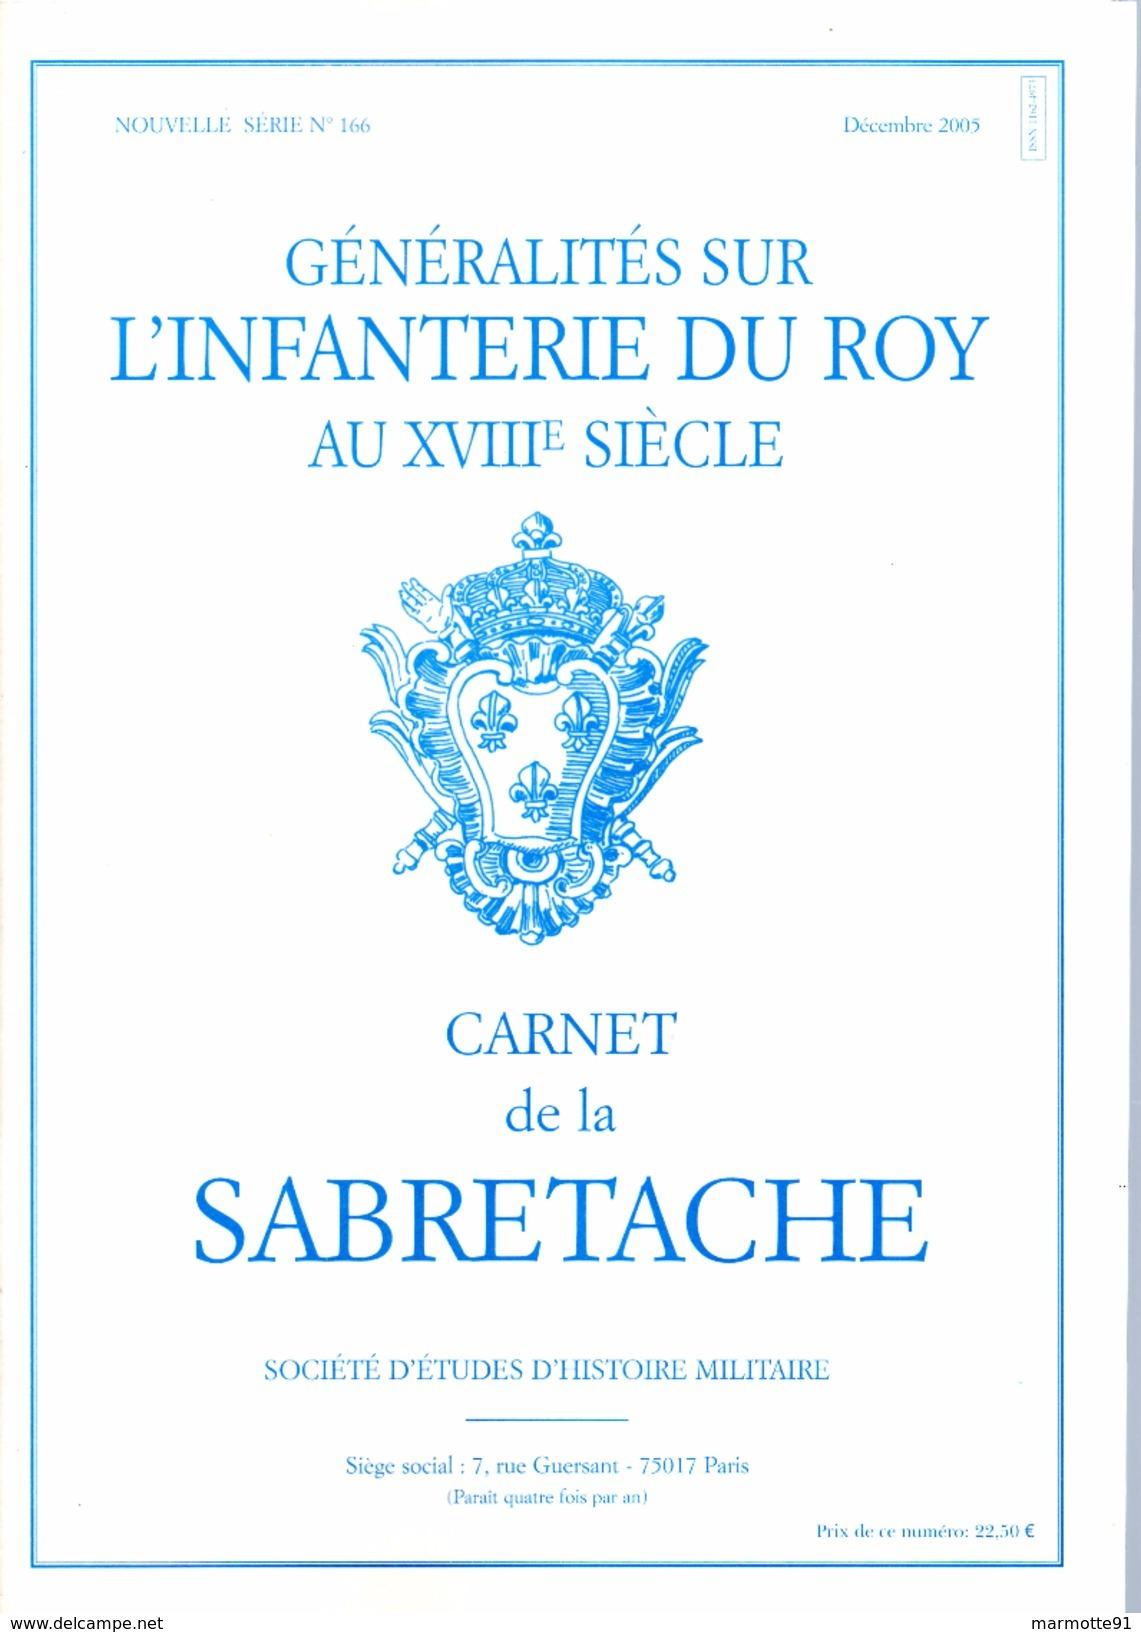 CARNET SABRETACHE N°166 GENERALITES INFANTERIE DU ROY 18e SIECLE  HISTORIQUE UNIFORME ORGANISATION - Books